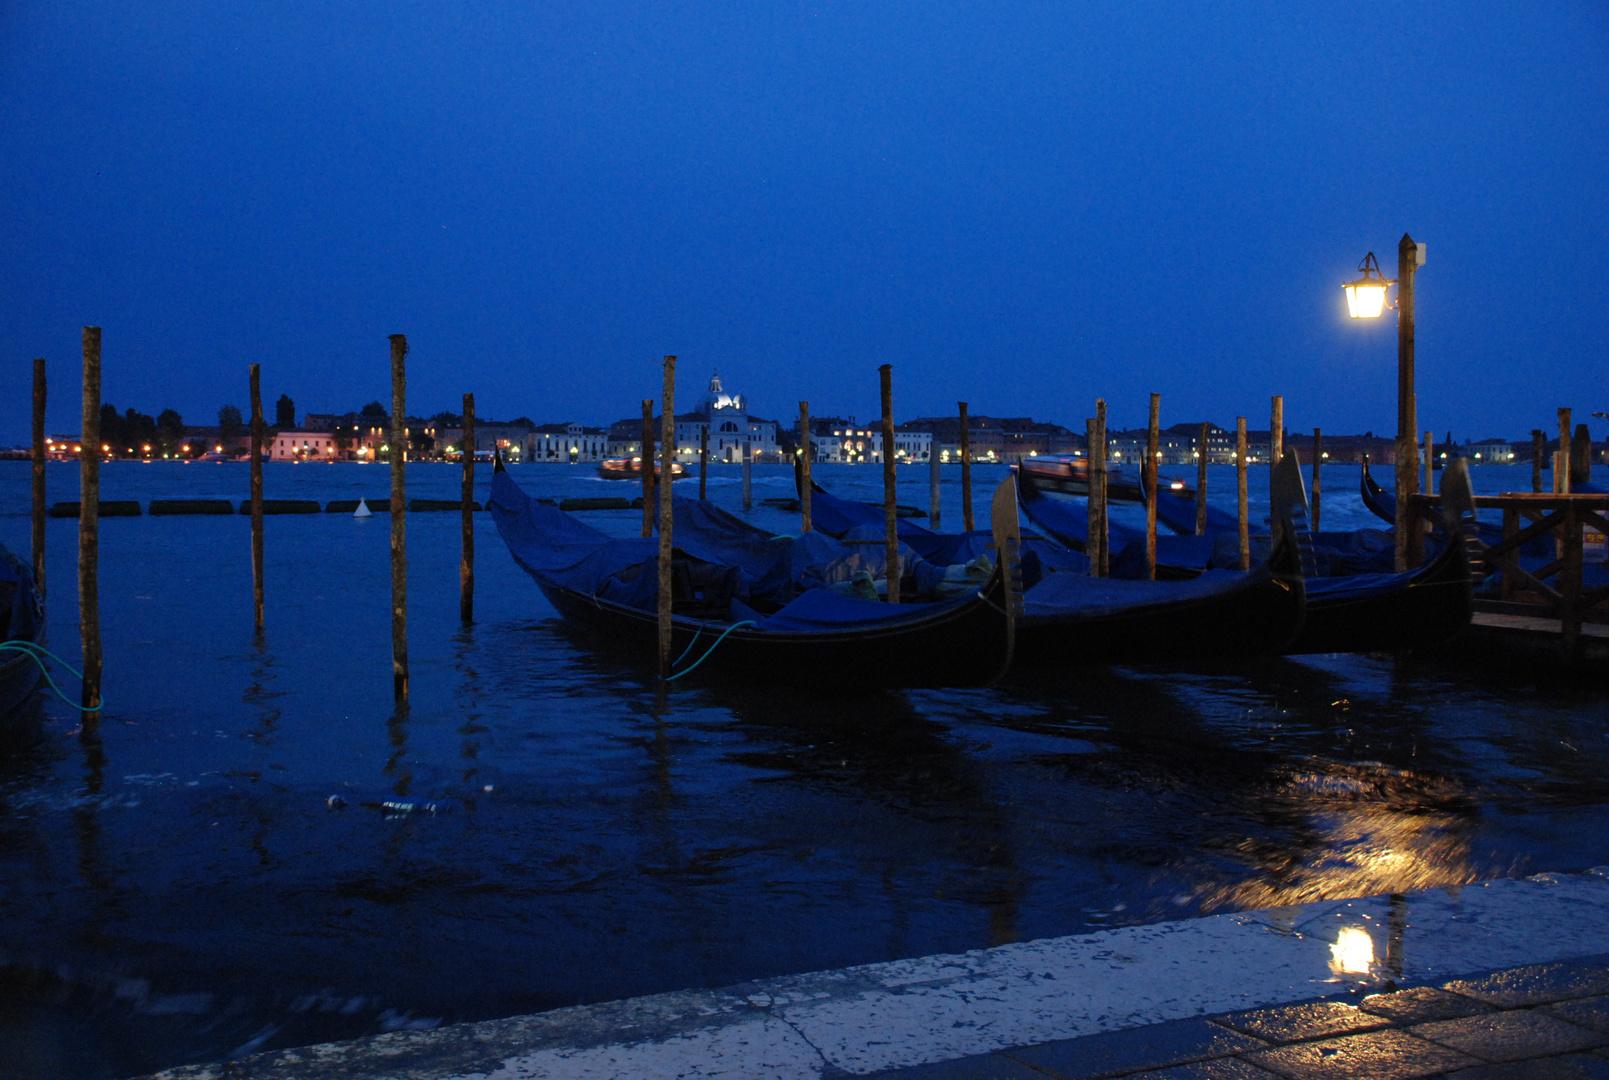 Venezia Notte Foto Immagini Paesaggi Mare Venezia Foto Su